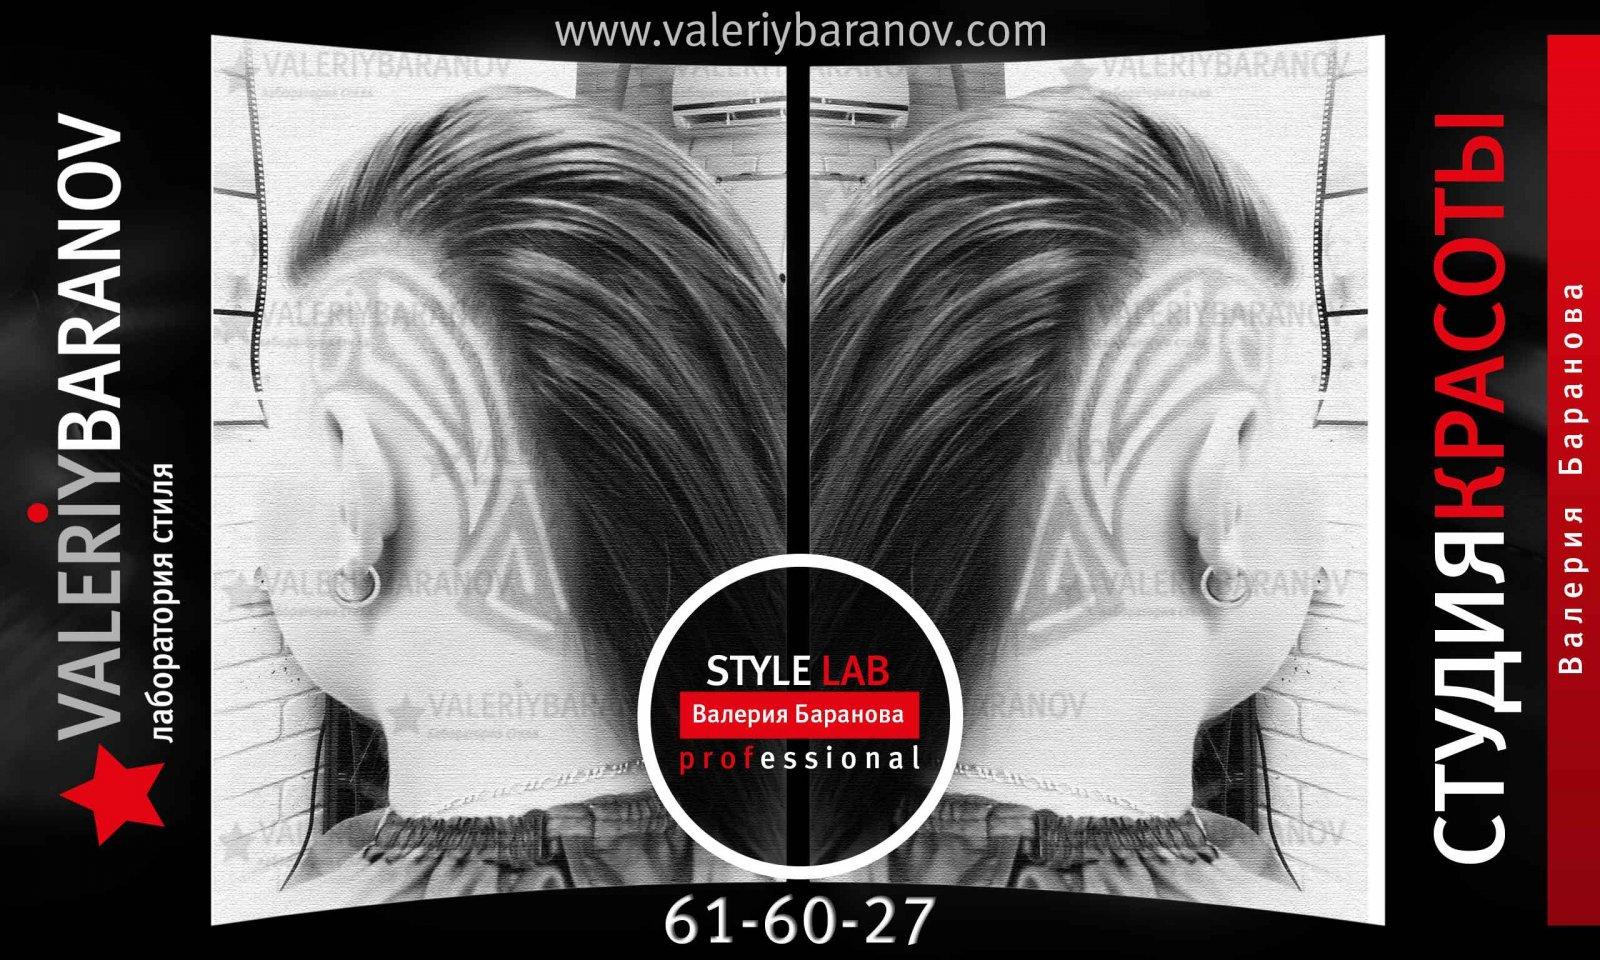 Лаборатория стиля Валерия Баранова: выстриг волос в Тольятти